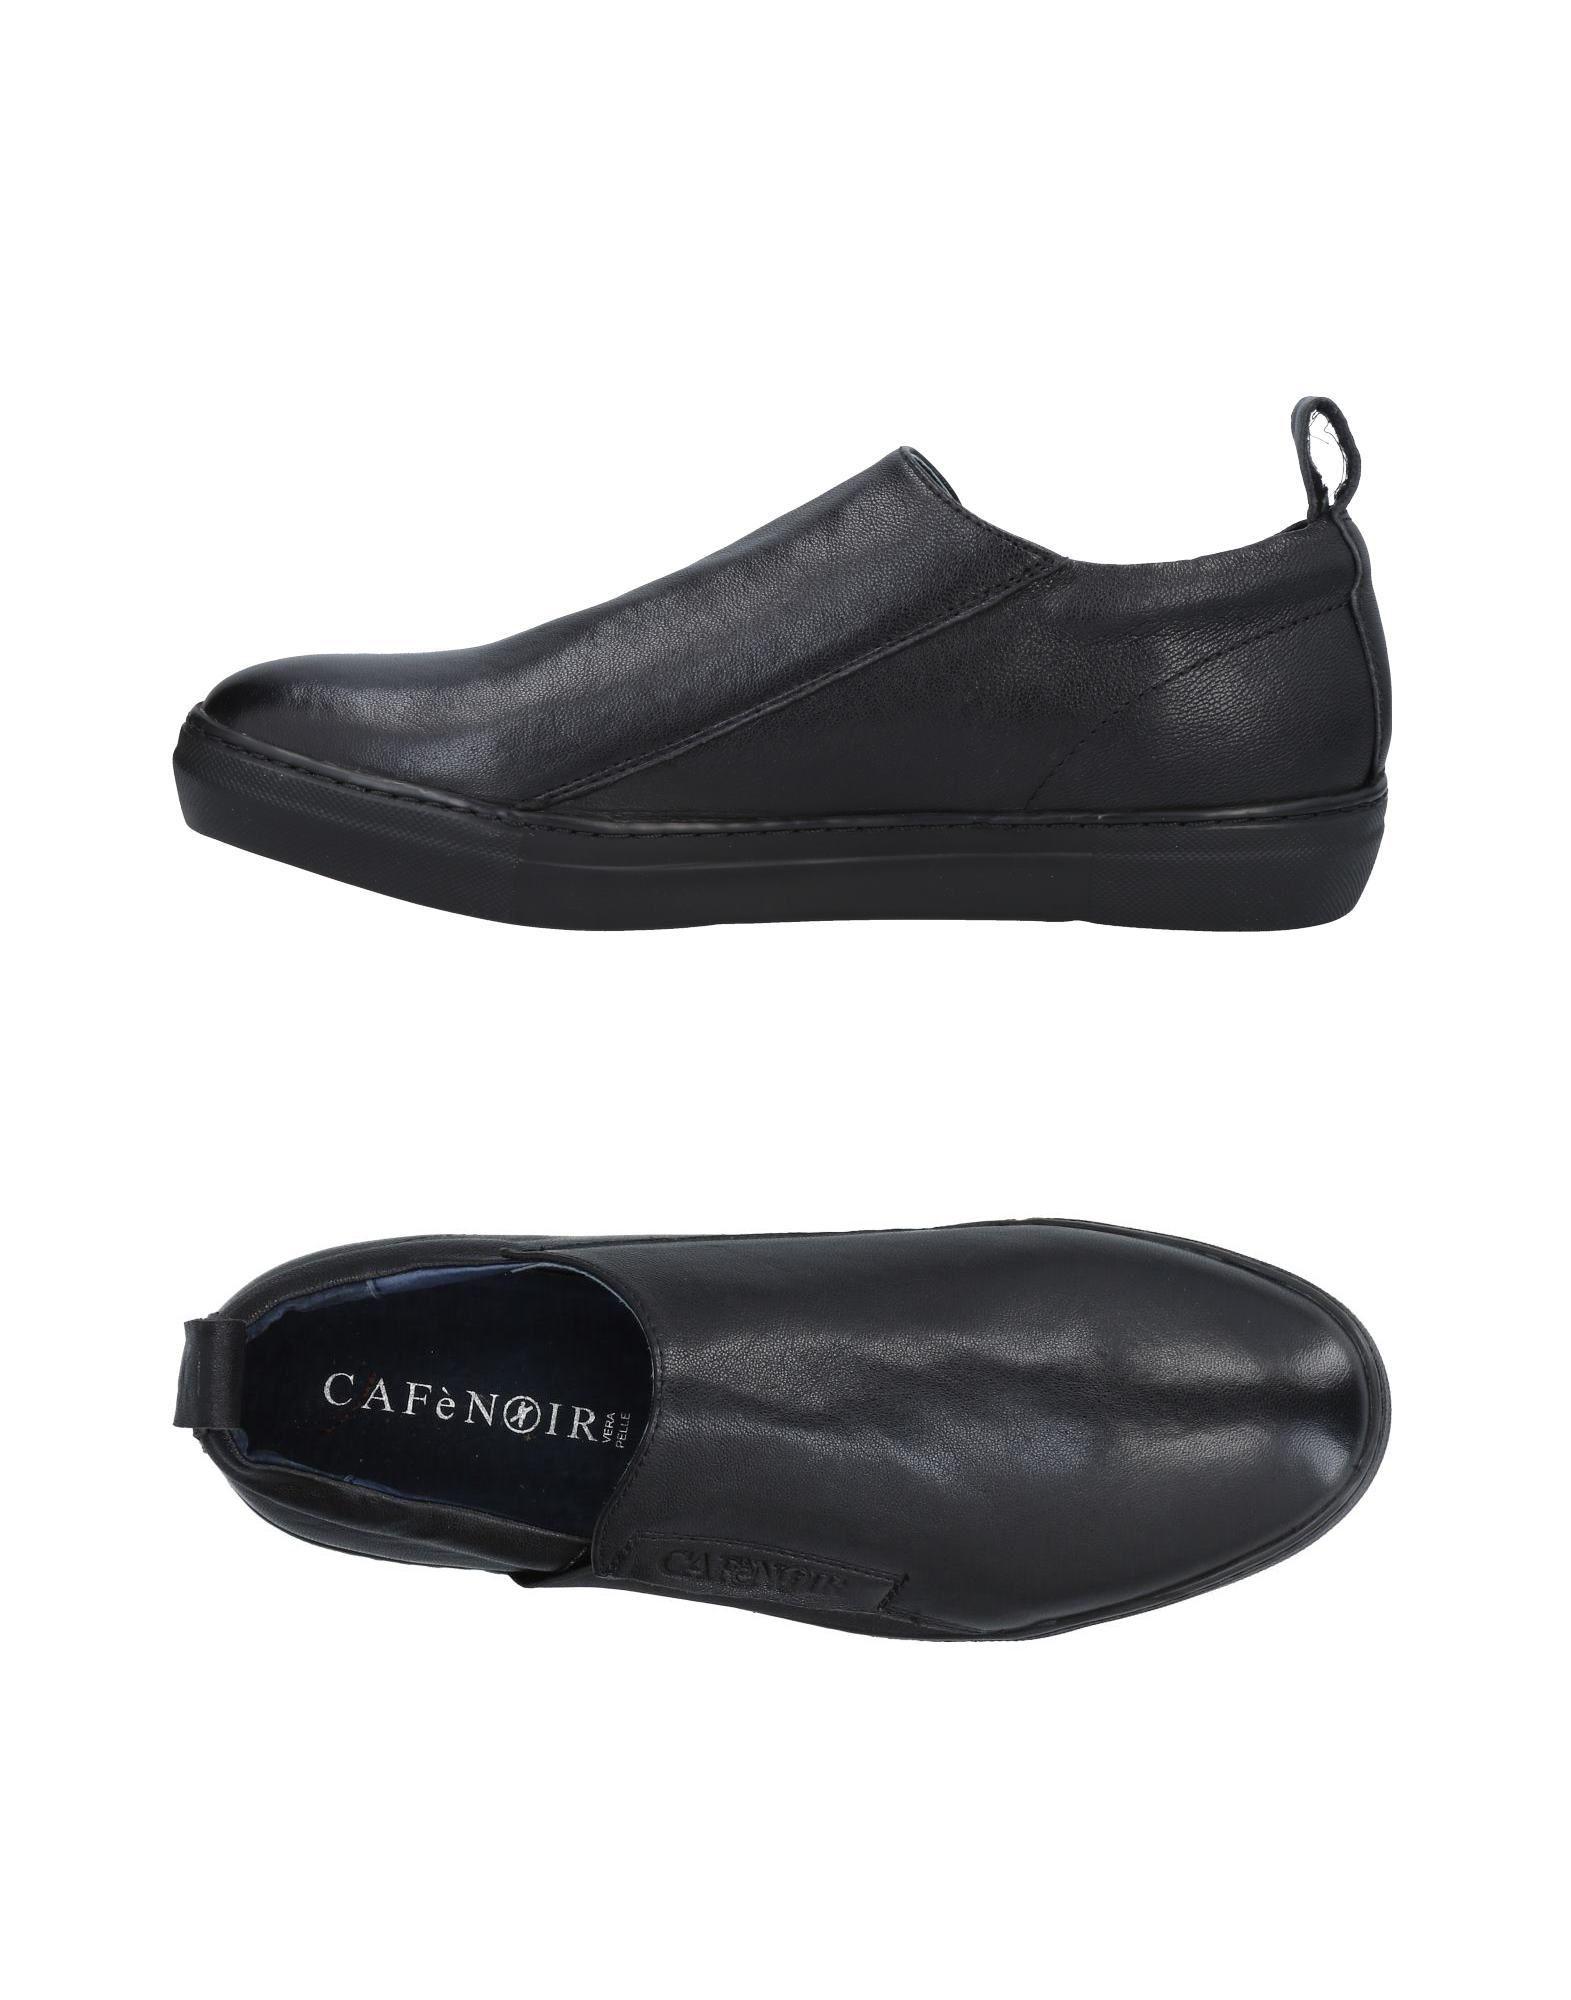 Rabatt echte Schuhe 11478430BL Cafènoir Sneakers Herren  11478430BL Schuhe f461bf